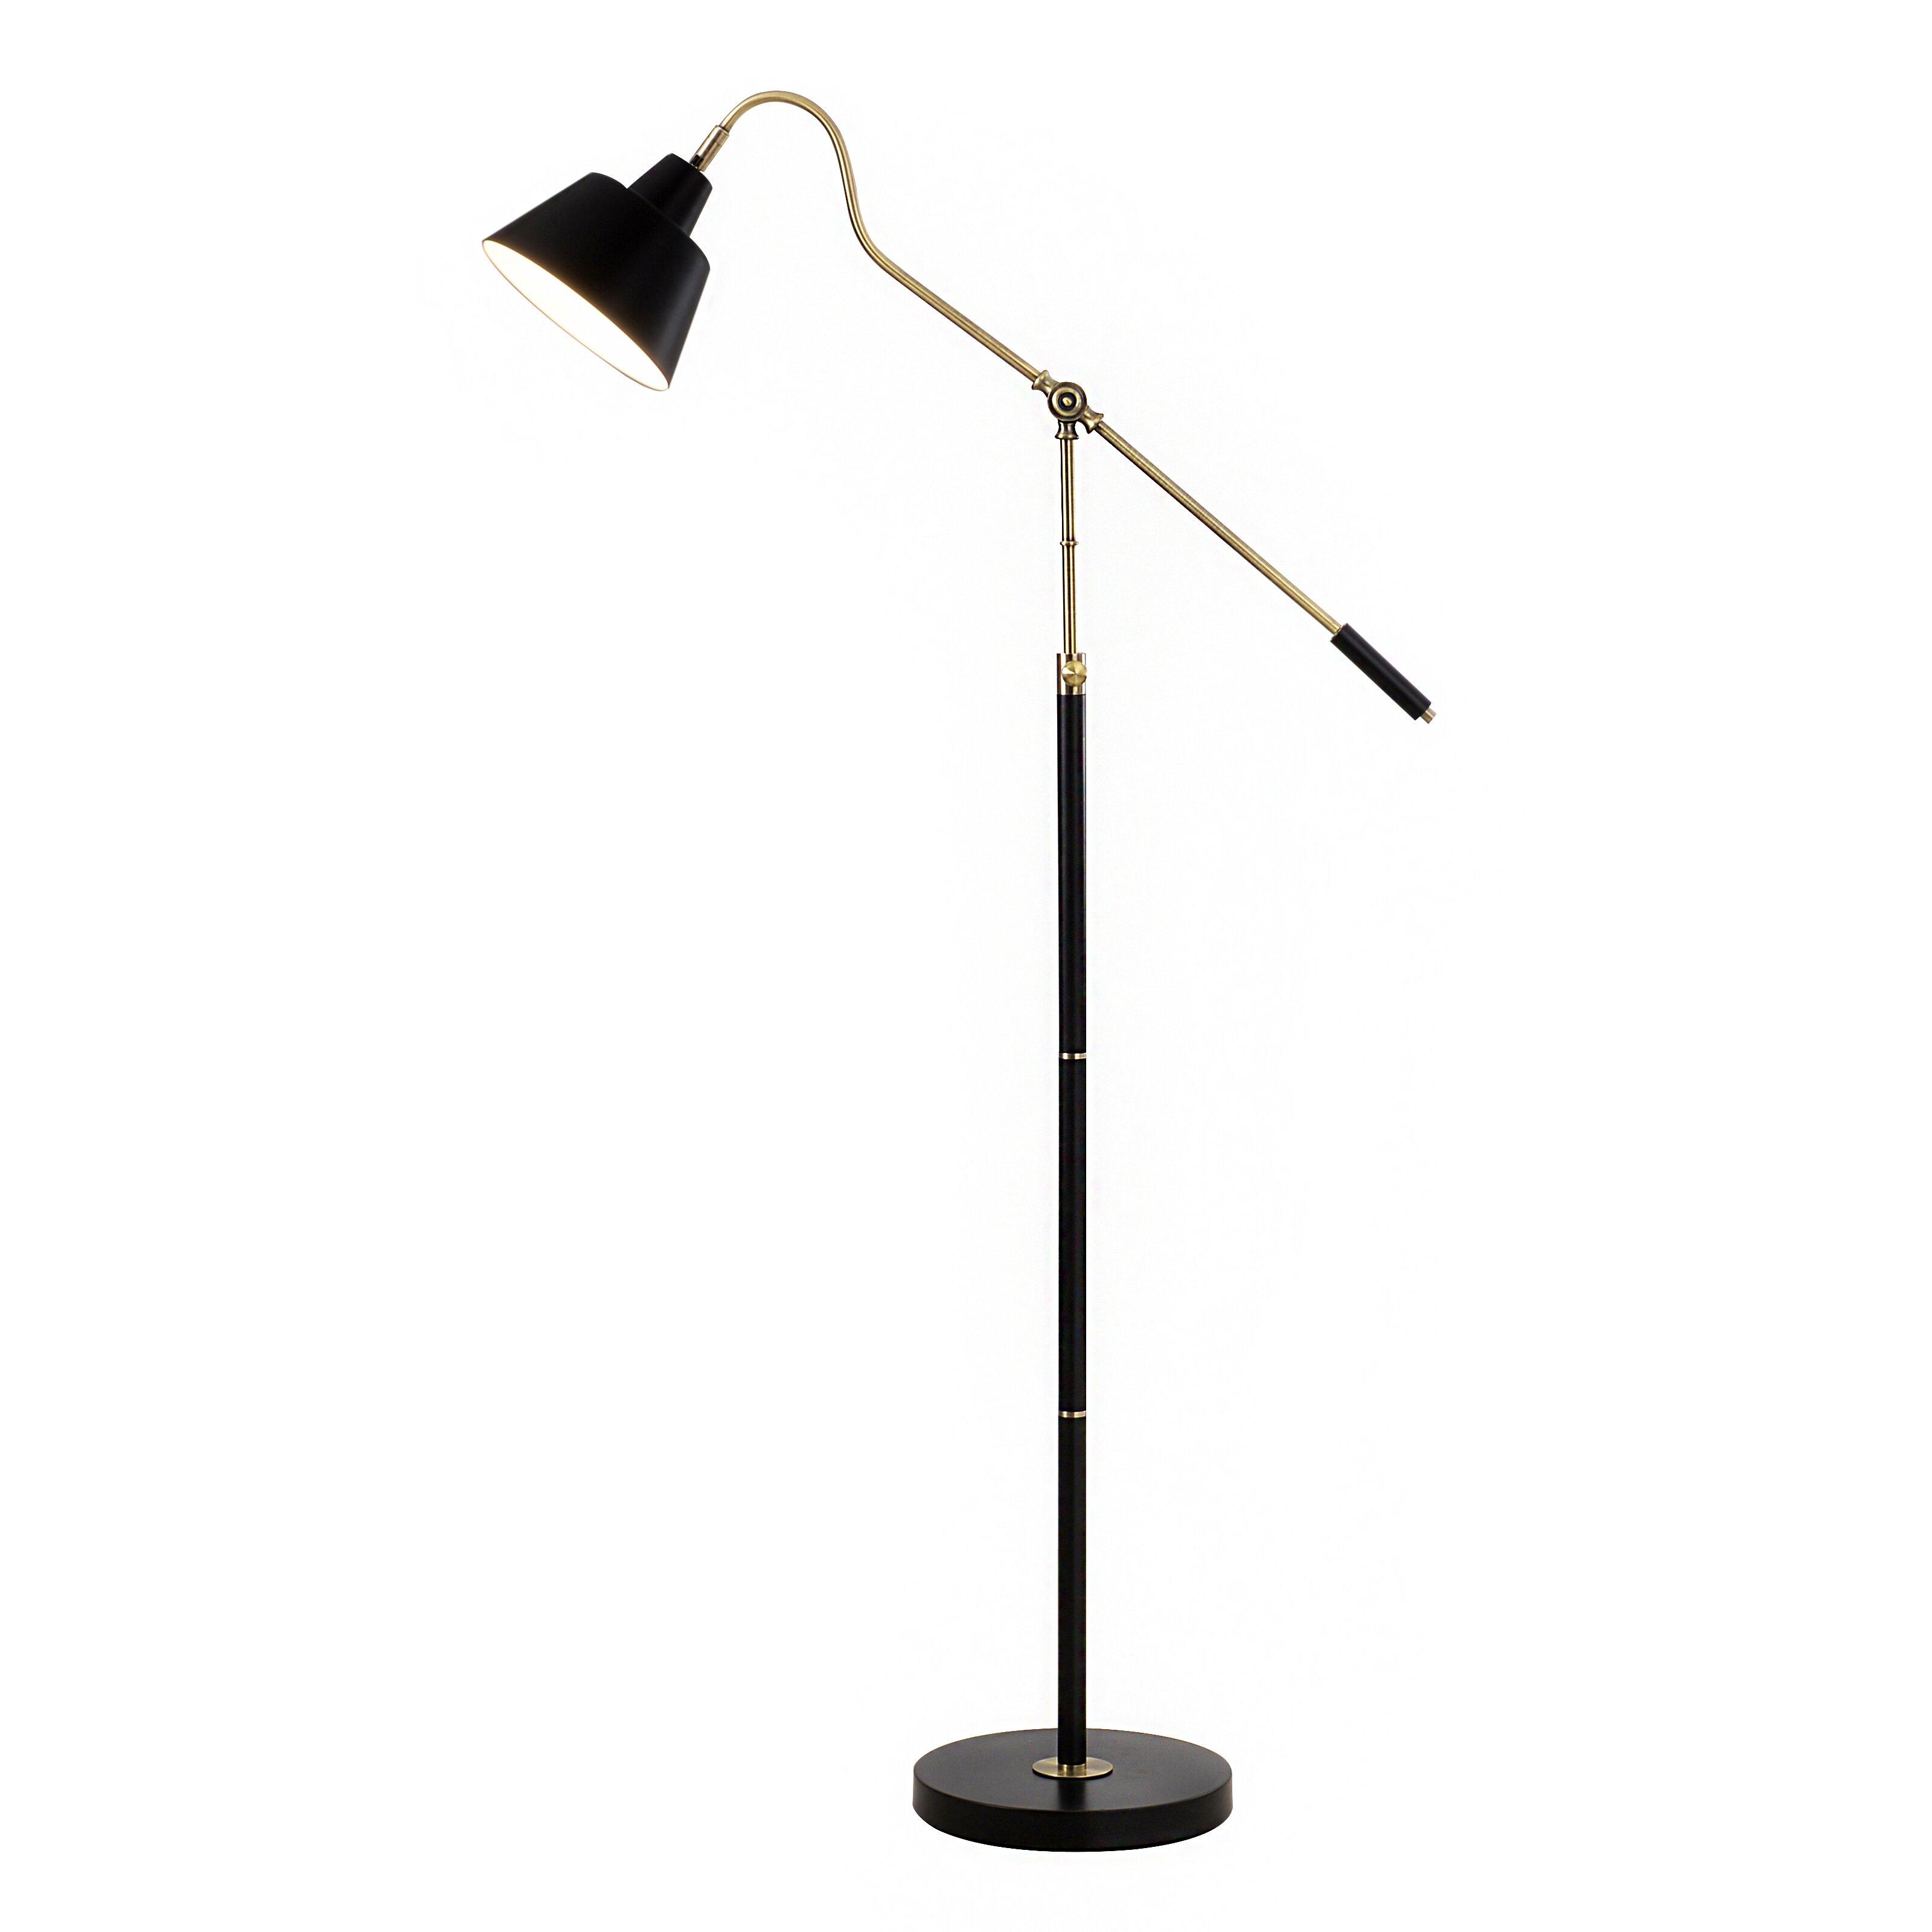 Catalina lighting task floor lamp reviews for Task lighting floor lamp